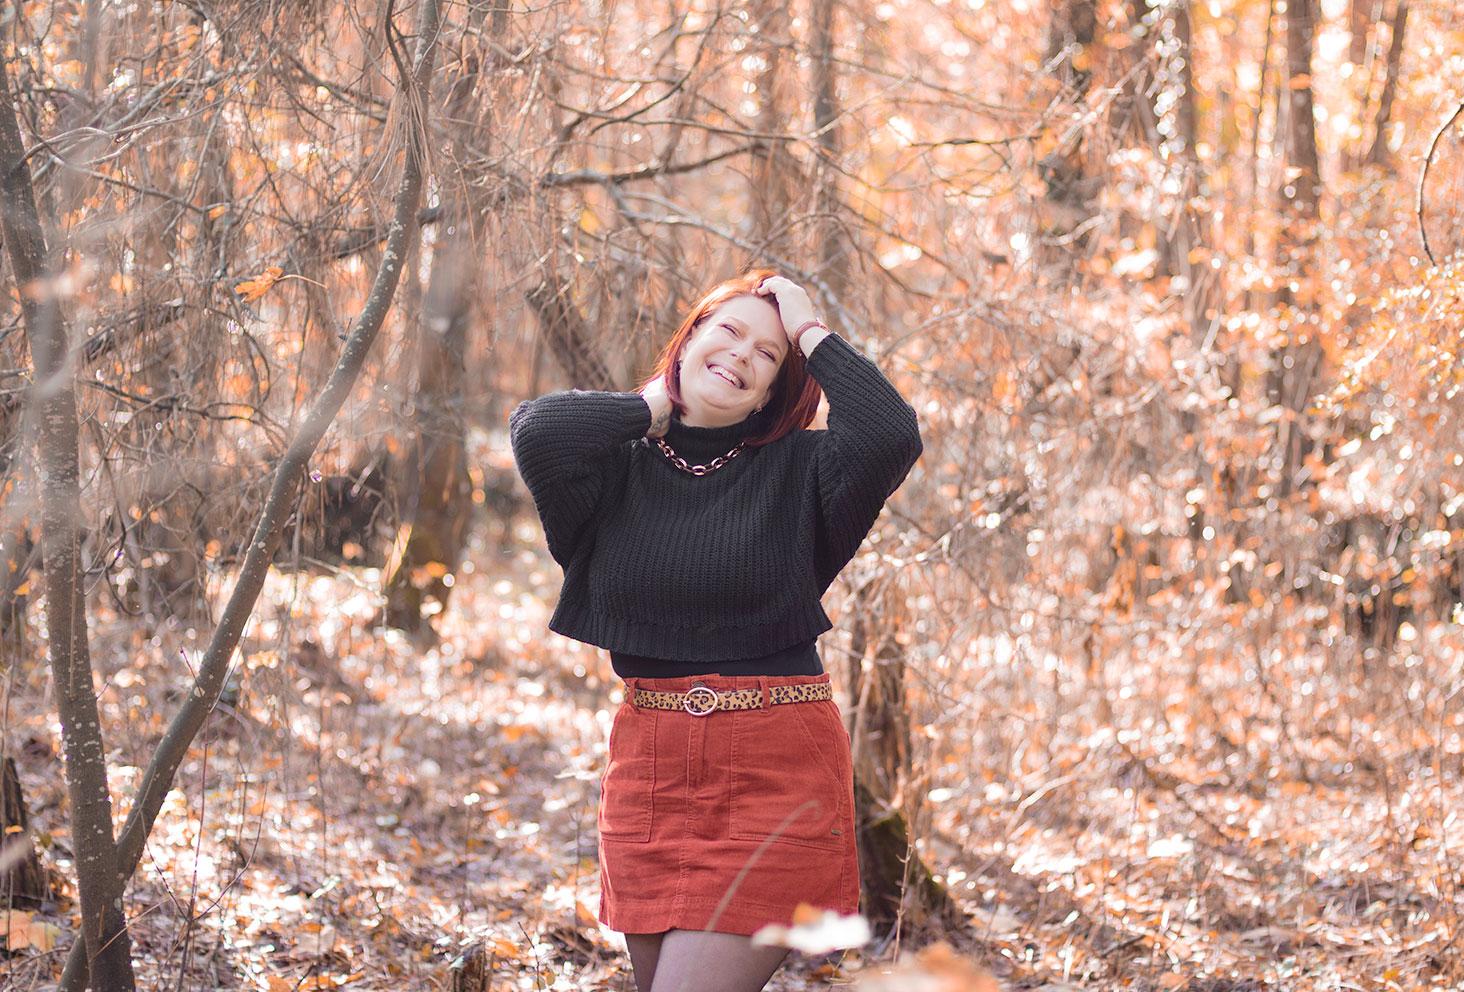 Avec le sourire et les mains dans les cheveux, au milieu des bois avec le sourire, pour un look automnal du TAG que préfères-tu